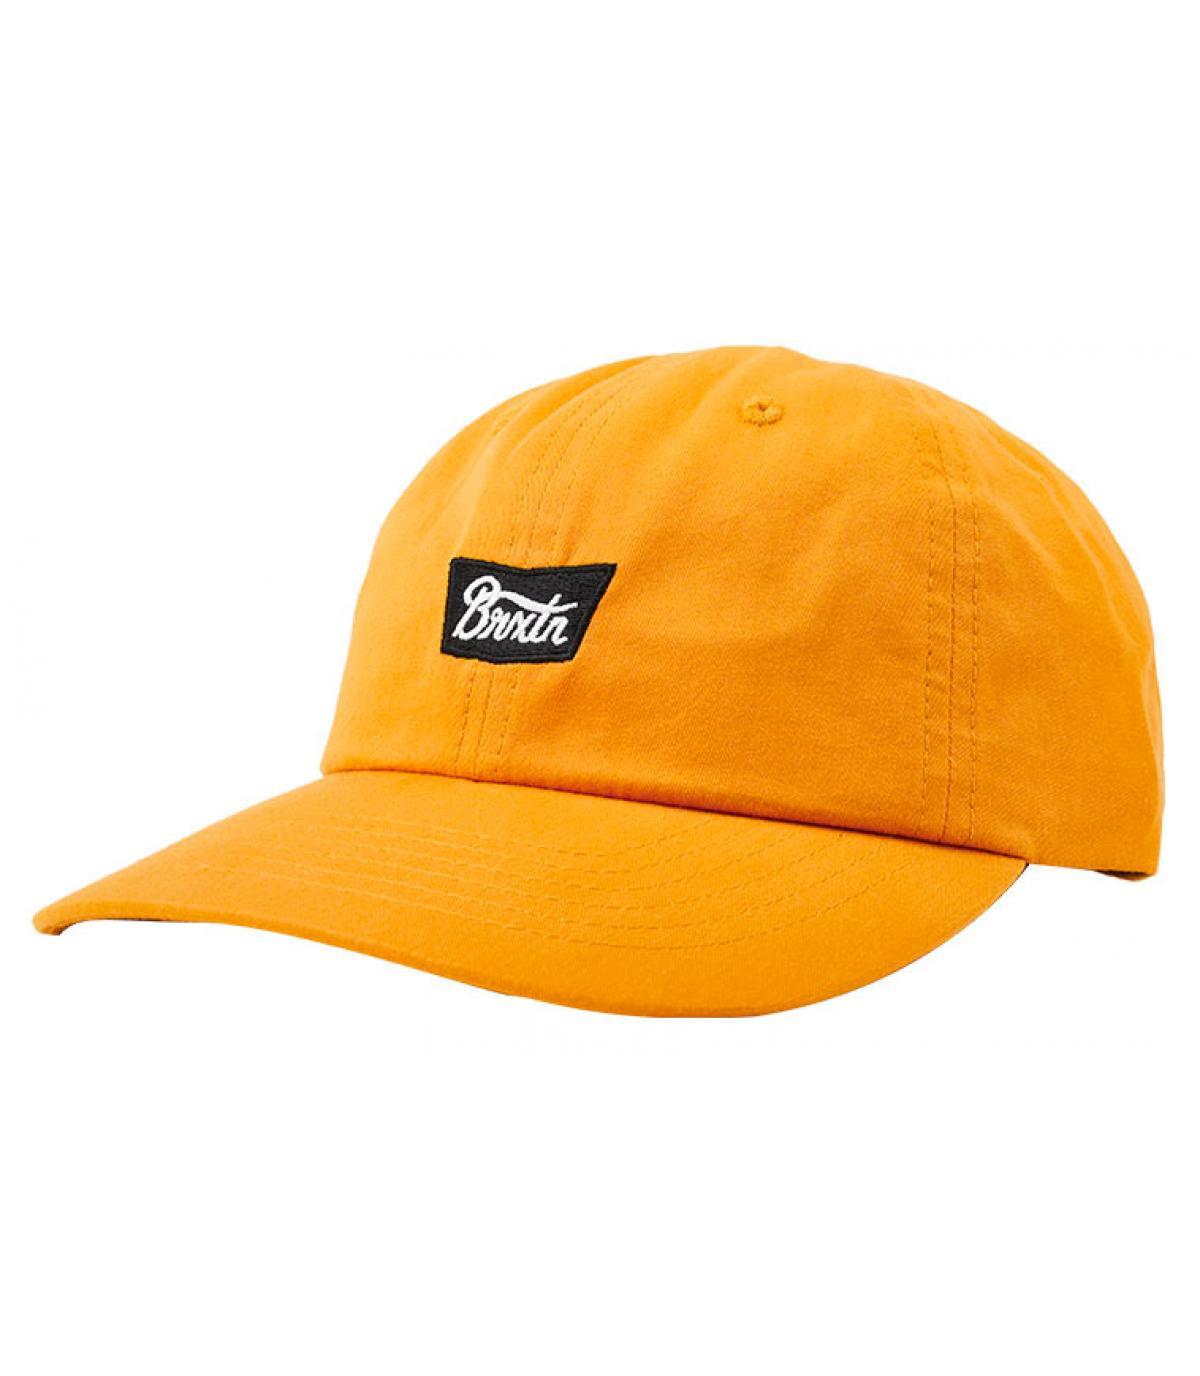 casquette jaune moutarde